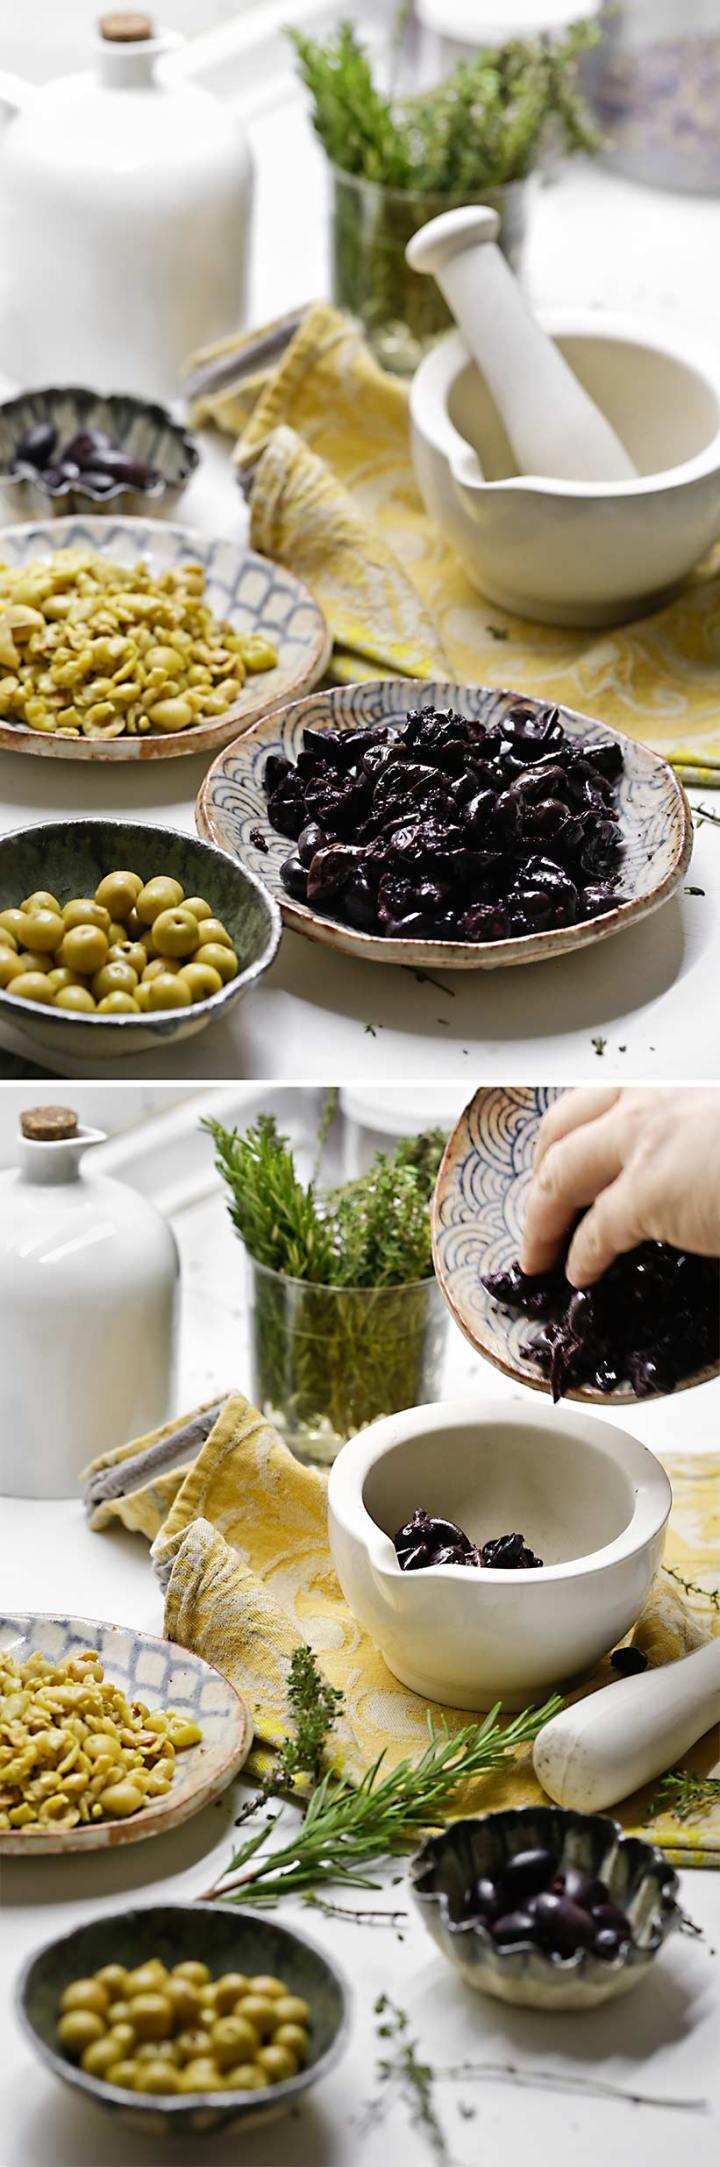 Receta de olivada catalana